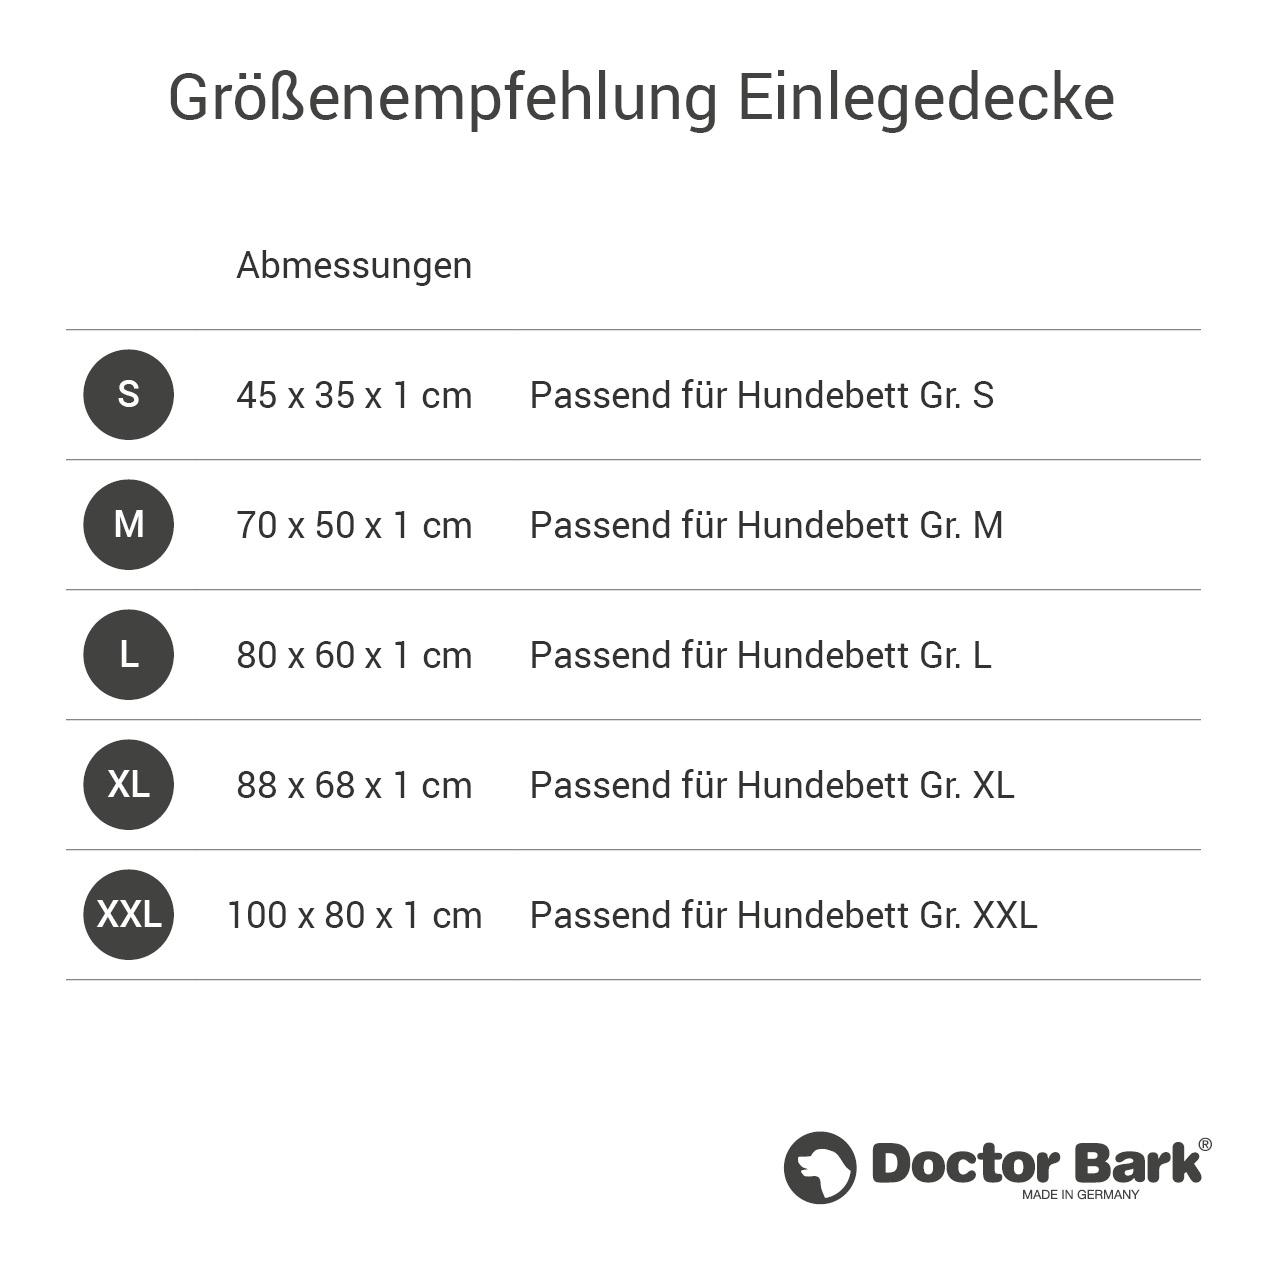 gepolsterte Einlegedecke für Doctor Bark Hundebett Gr. XL - grau